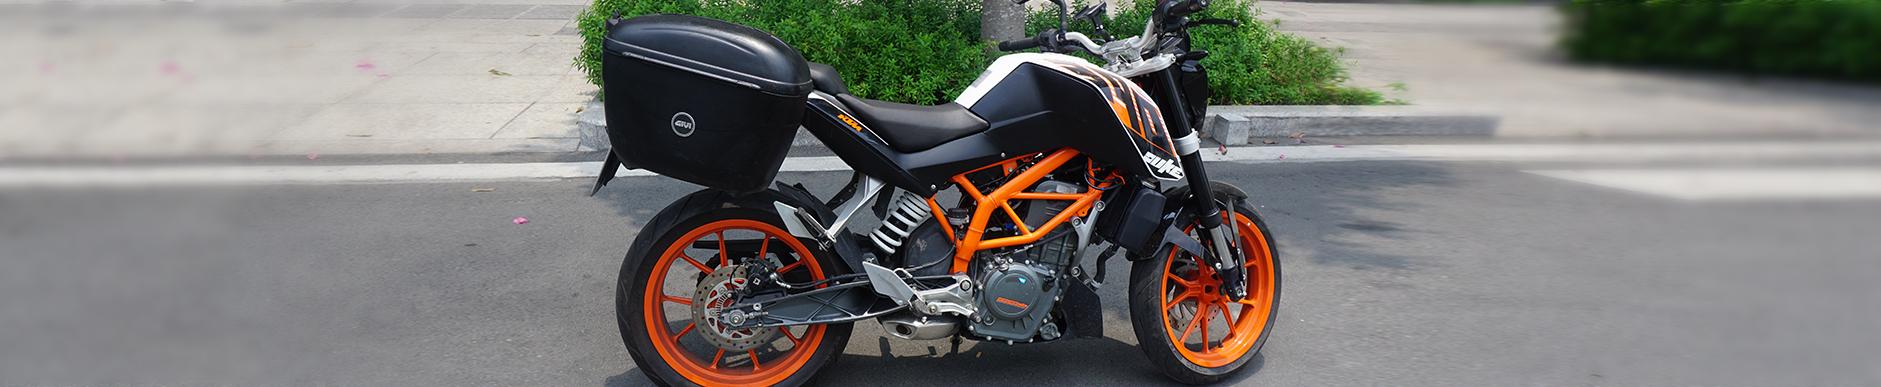 Tour Vietnam quality motorbike rentals